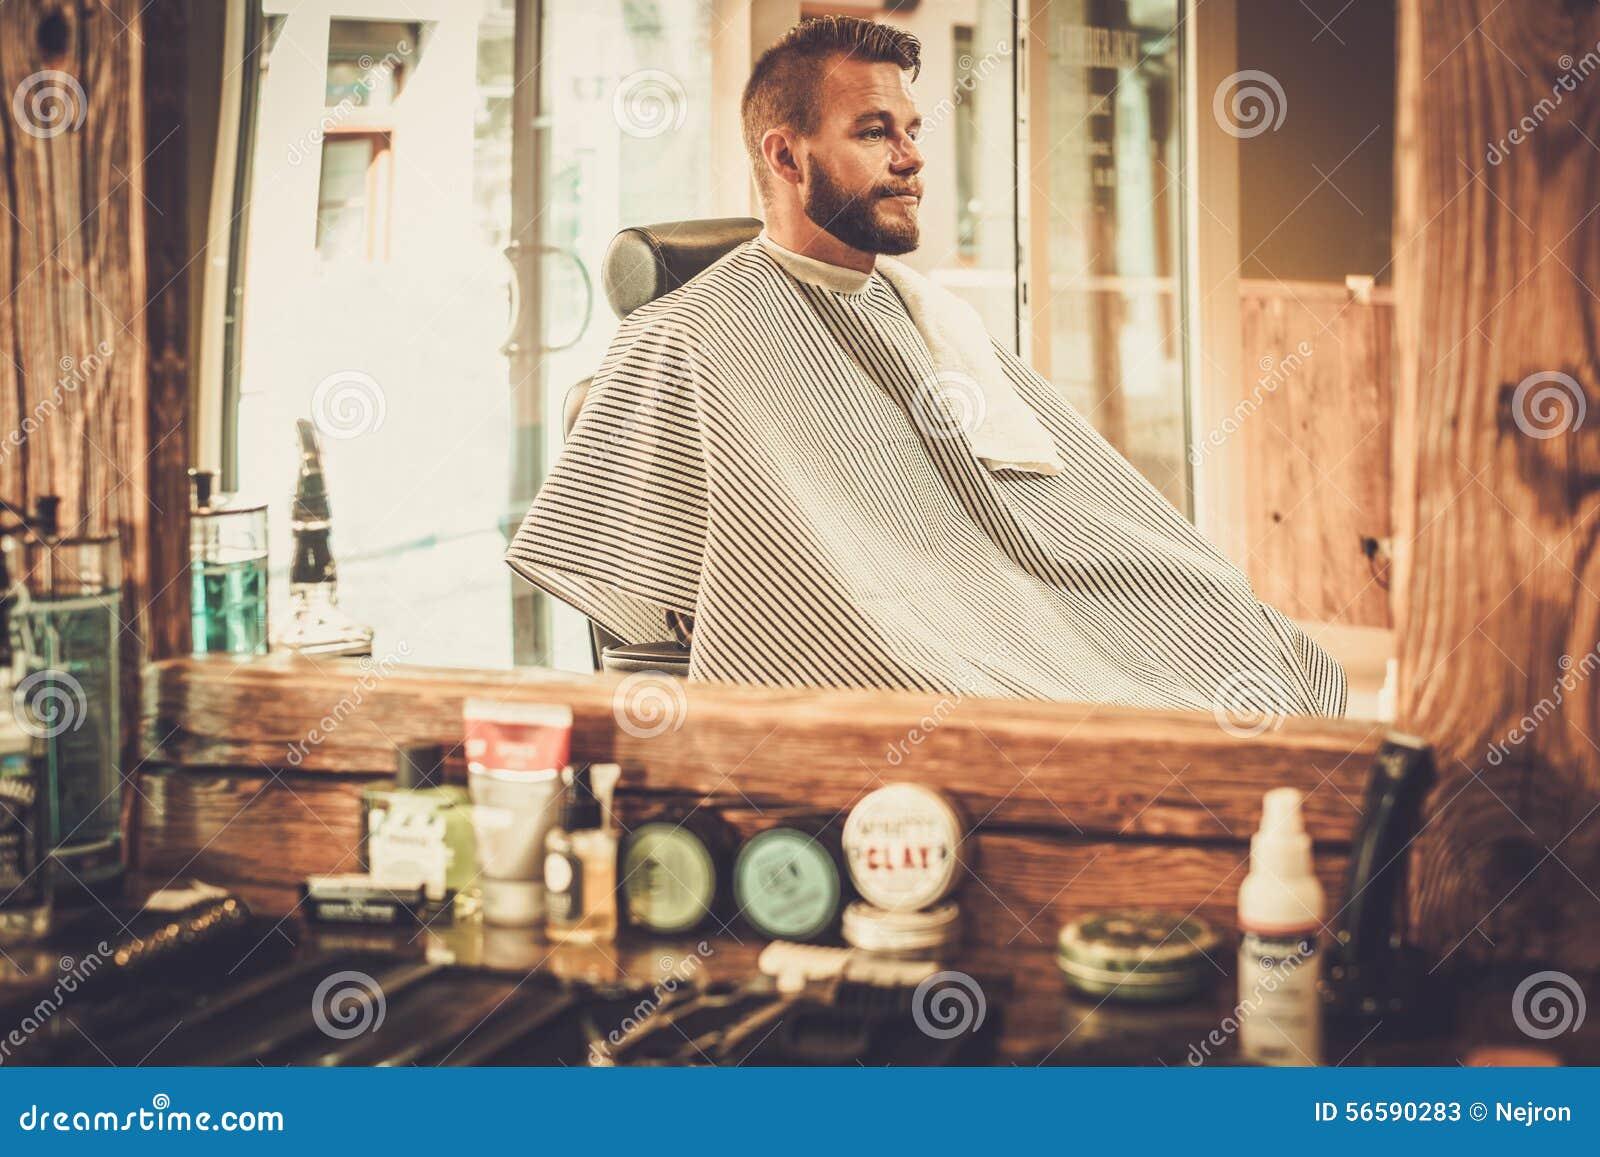 Uomo in un negozio di barbiere